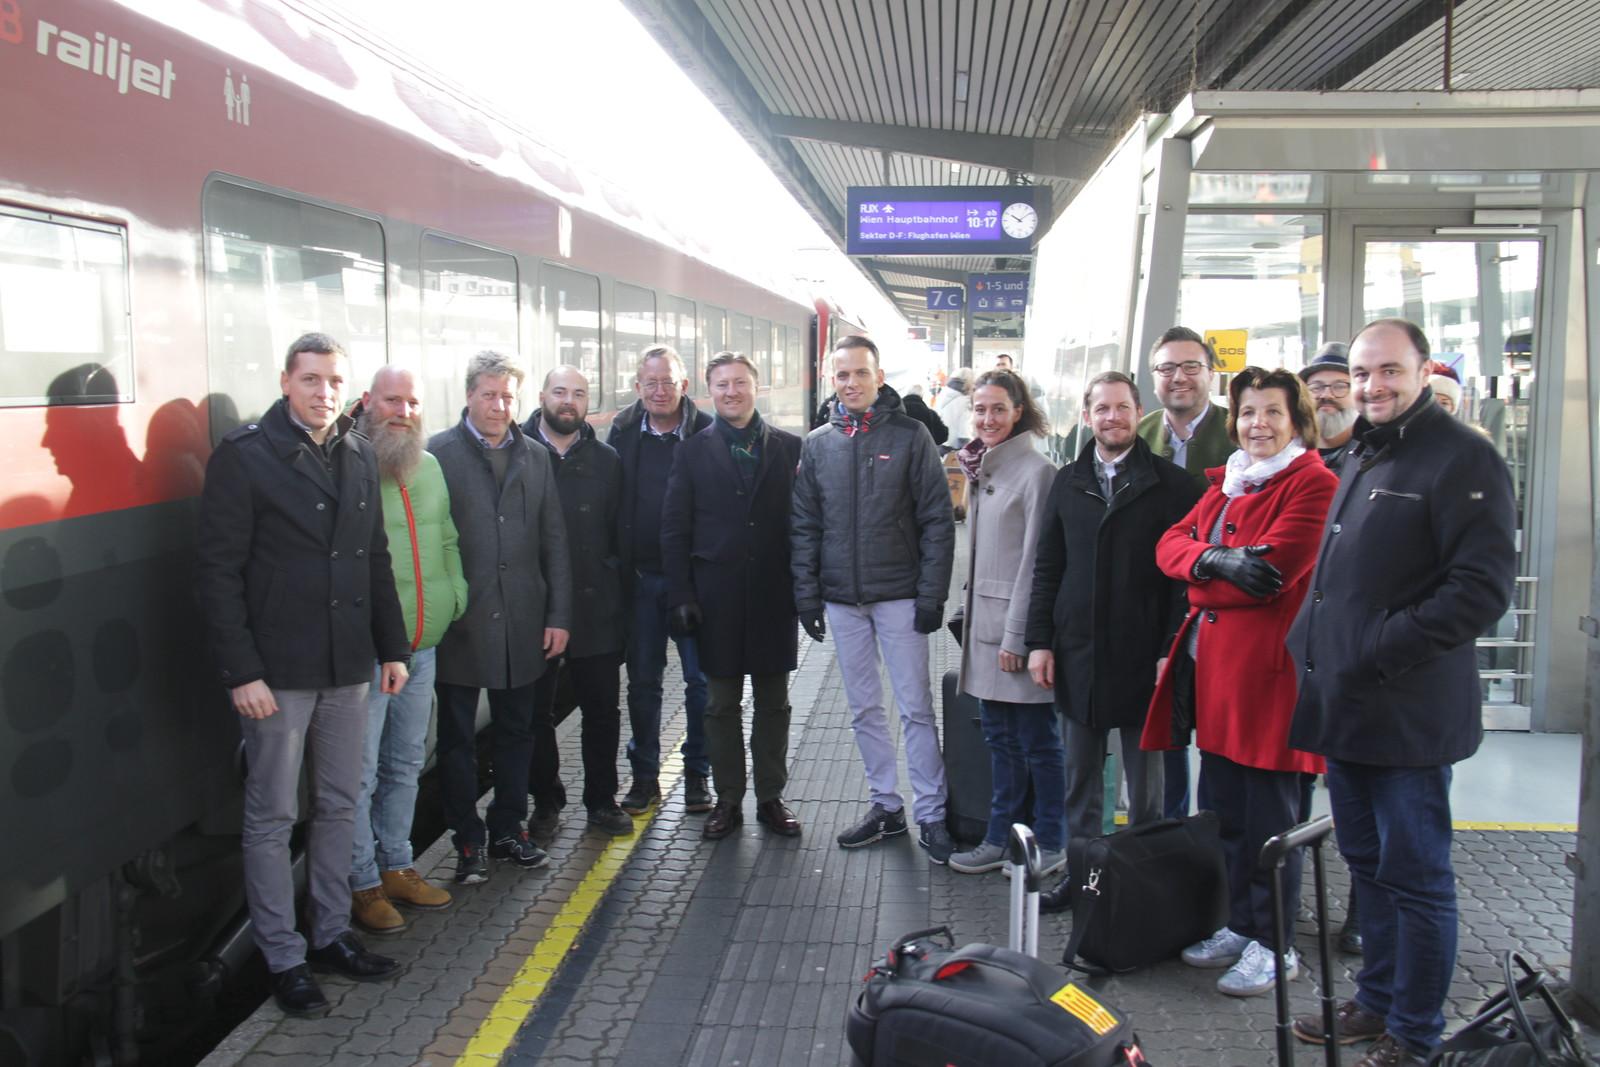 inoes.eu - Petition der 1.000 für Doppelpass in Wien übergeben, 16.12.2019